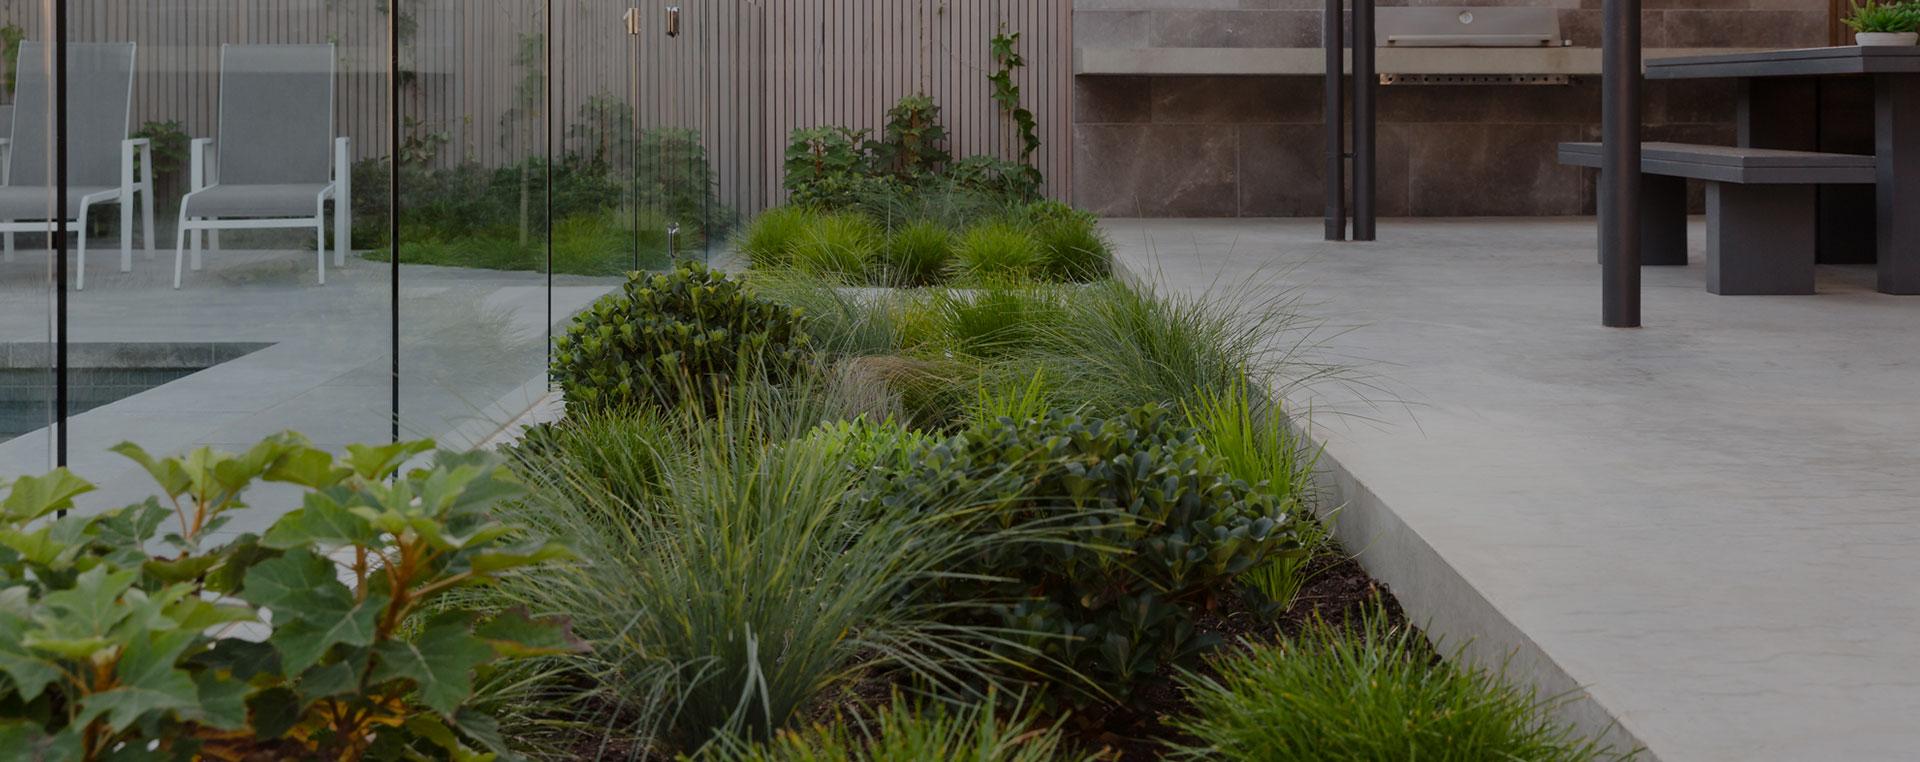 Melbourne Landscape Design, Construction & Maintenance